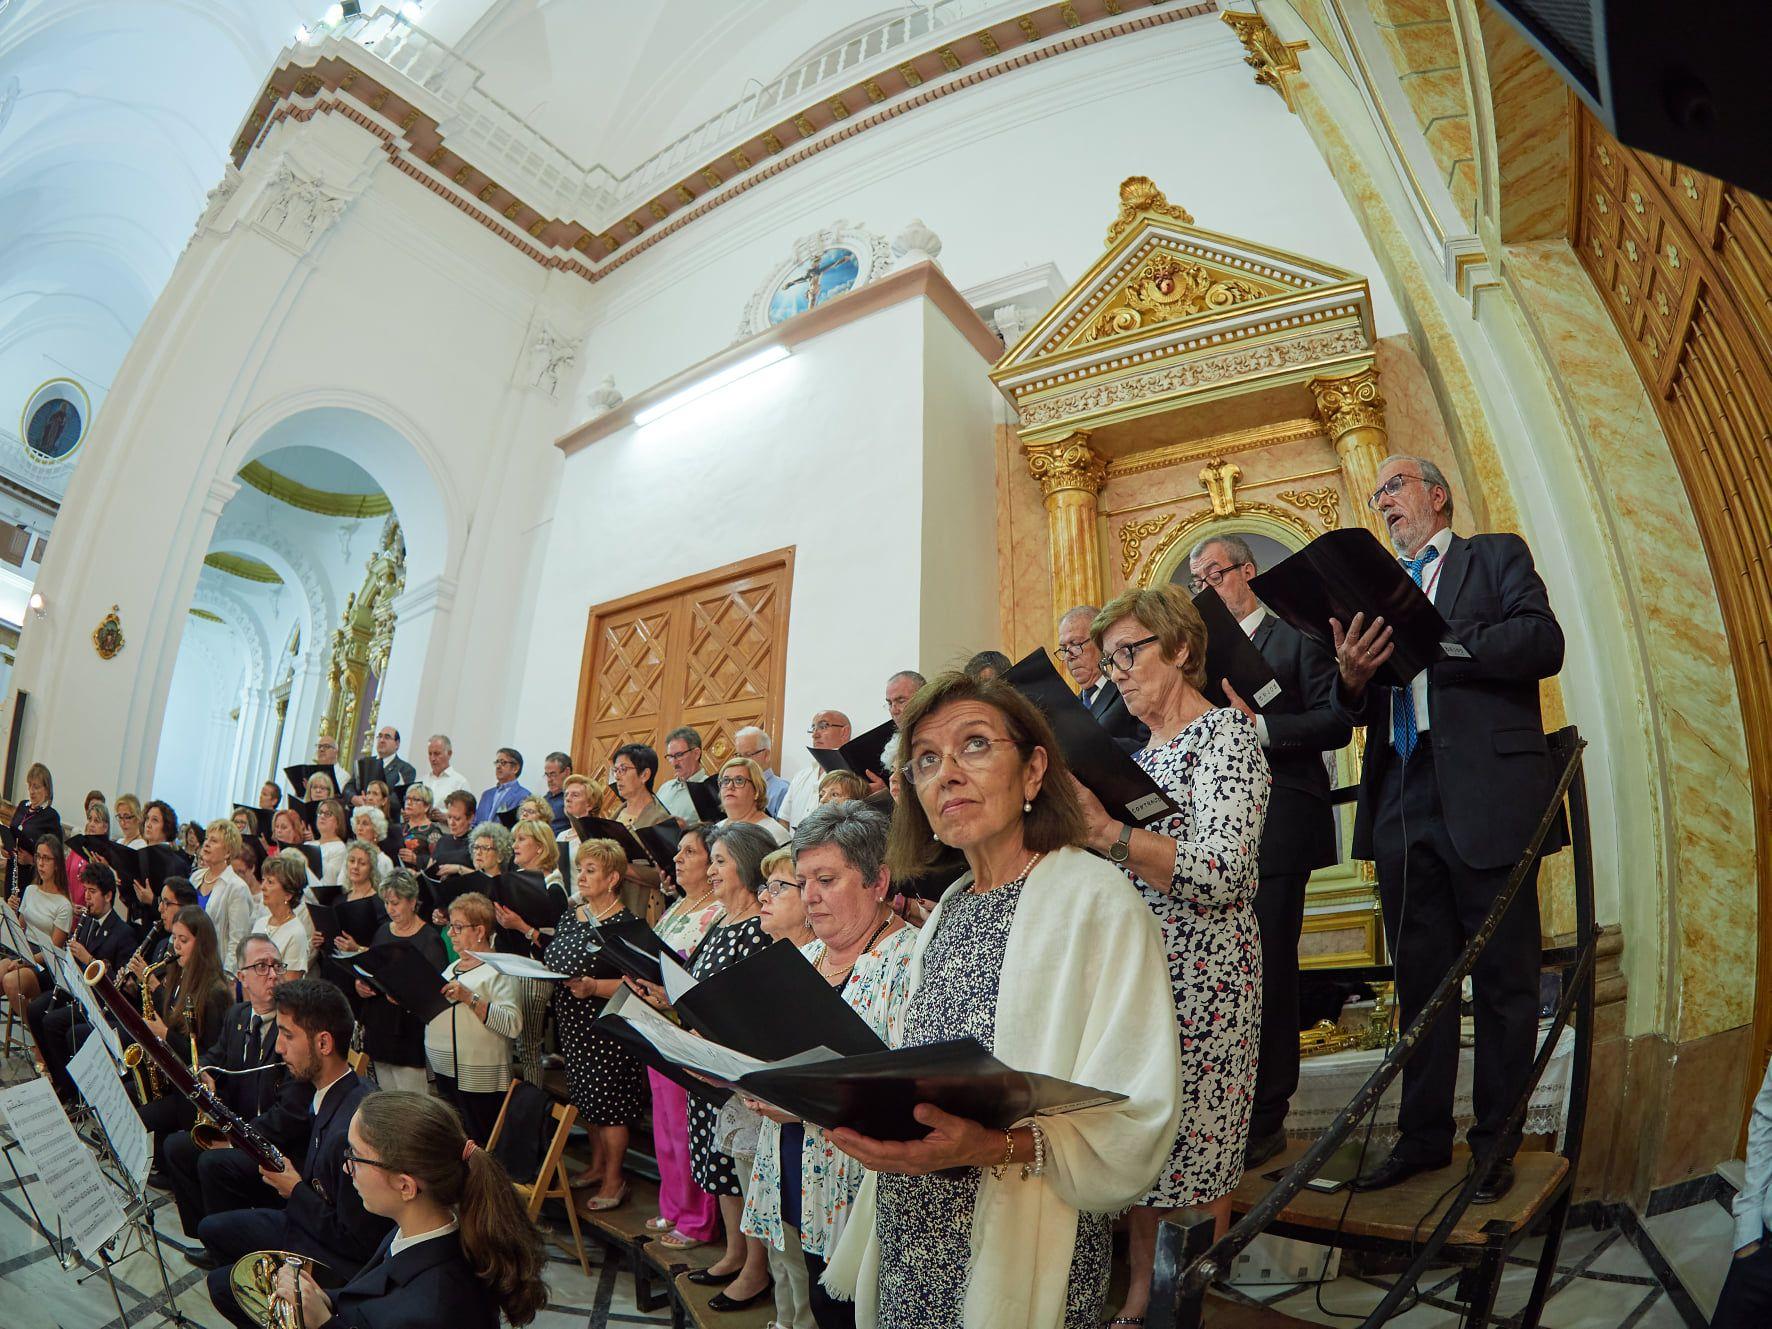 La Coral durante la misa en honor a la patrona. Foto: Vicent Olmos Navarro